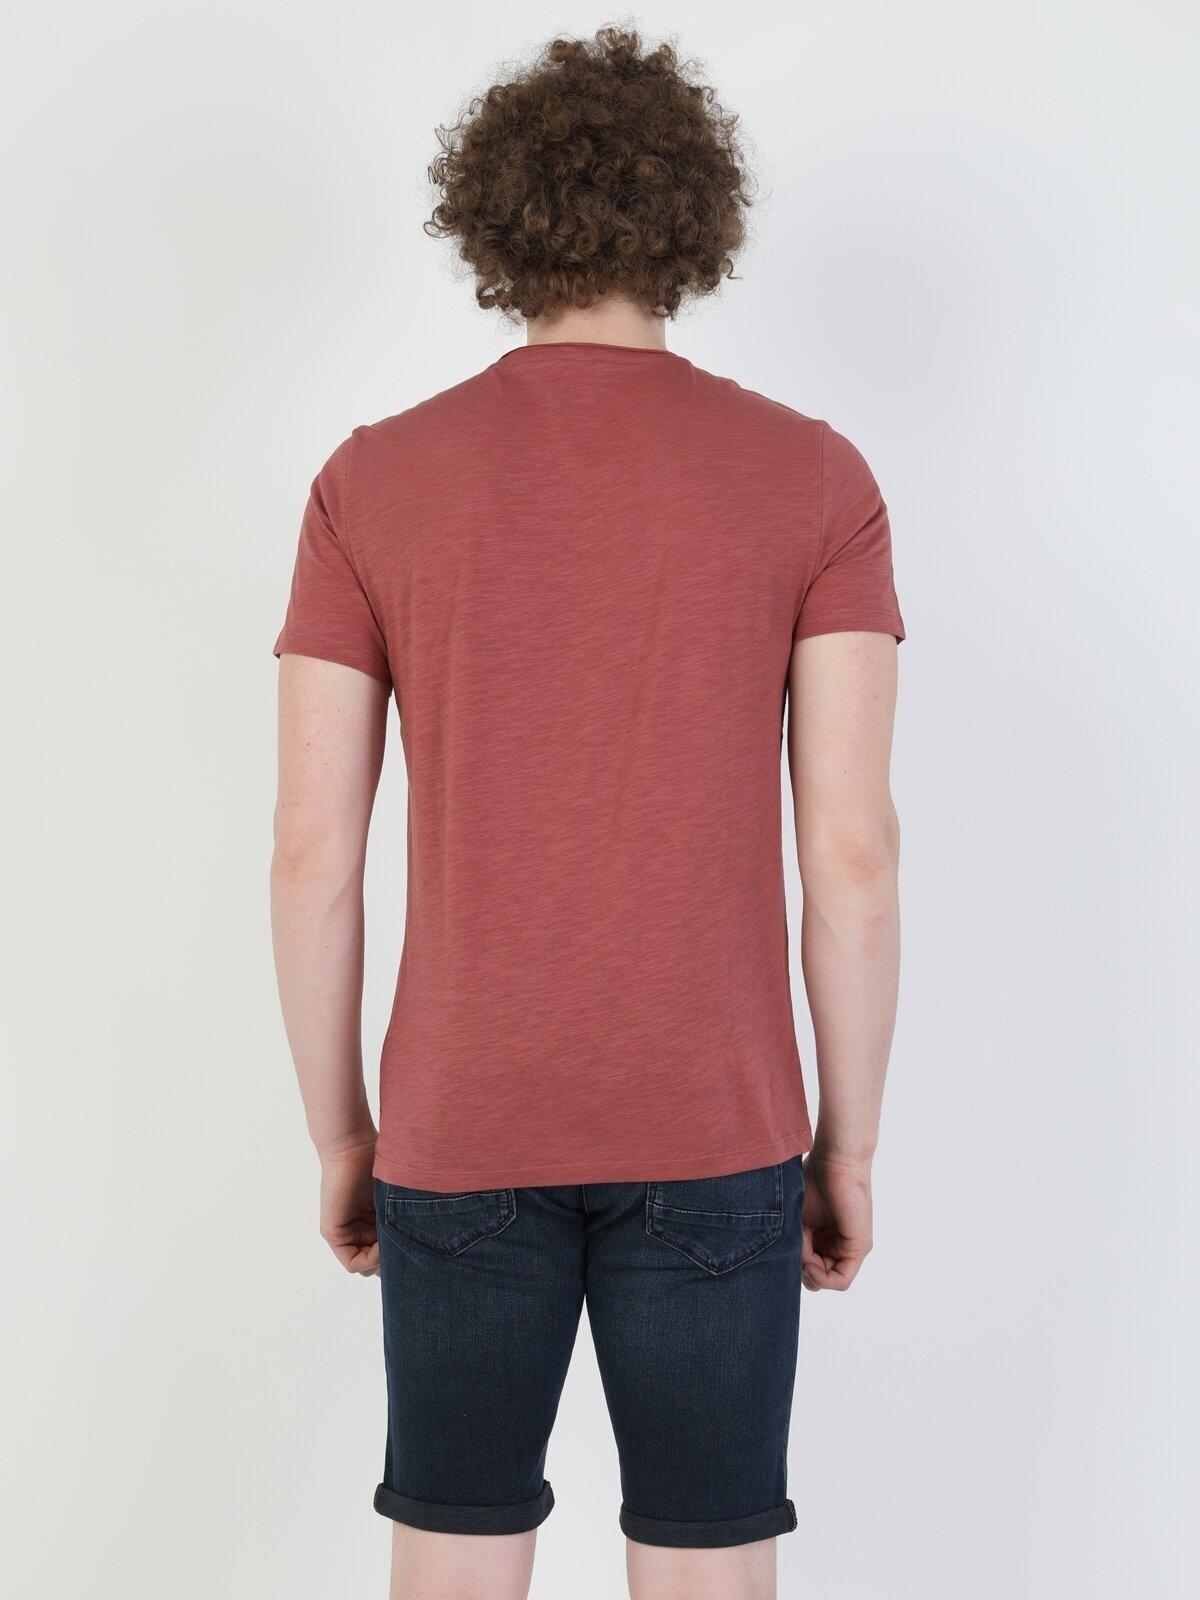 Показать информацию о Мужская футболка с коротким рукавом regular fit CL1049542